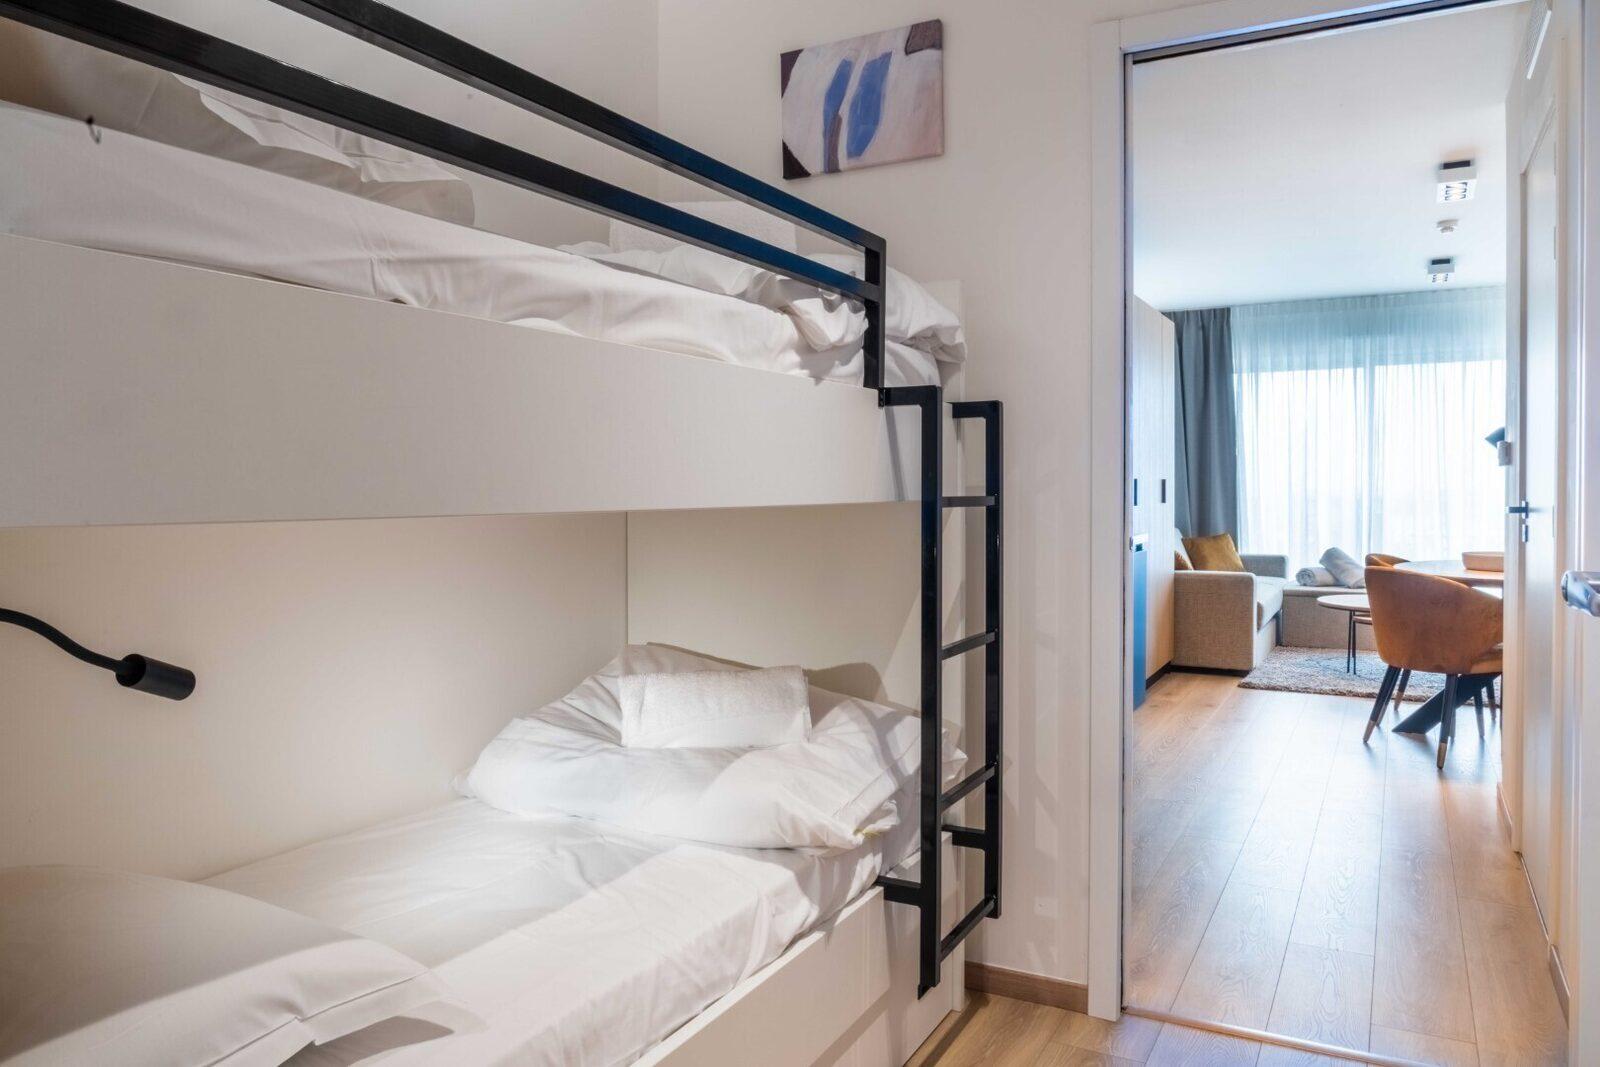 [Luxe] Appartement 3 chambres avec 2 lits doubles & lits superposés